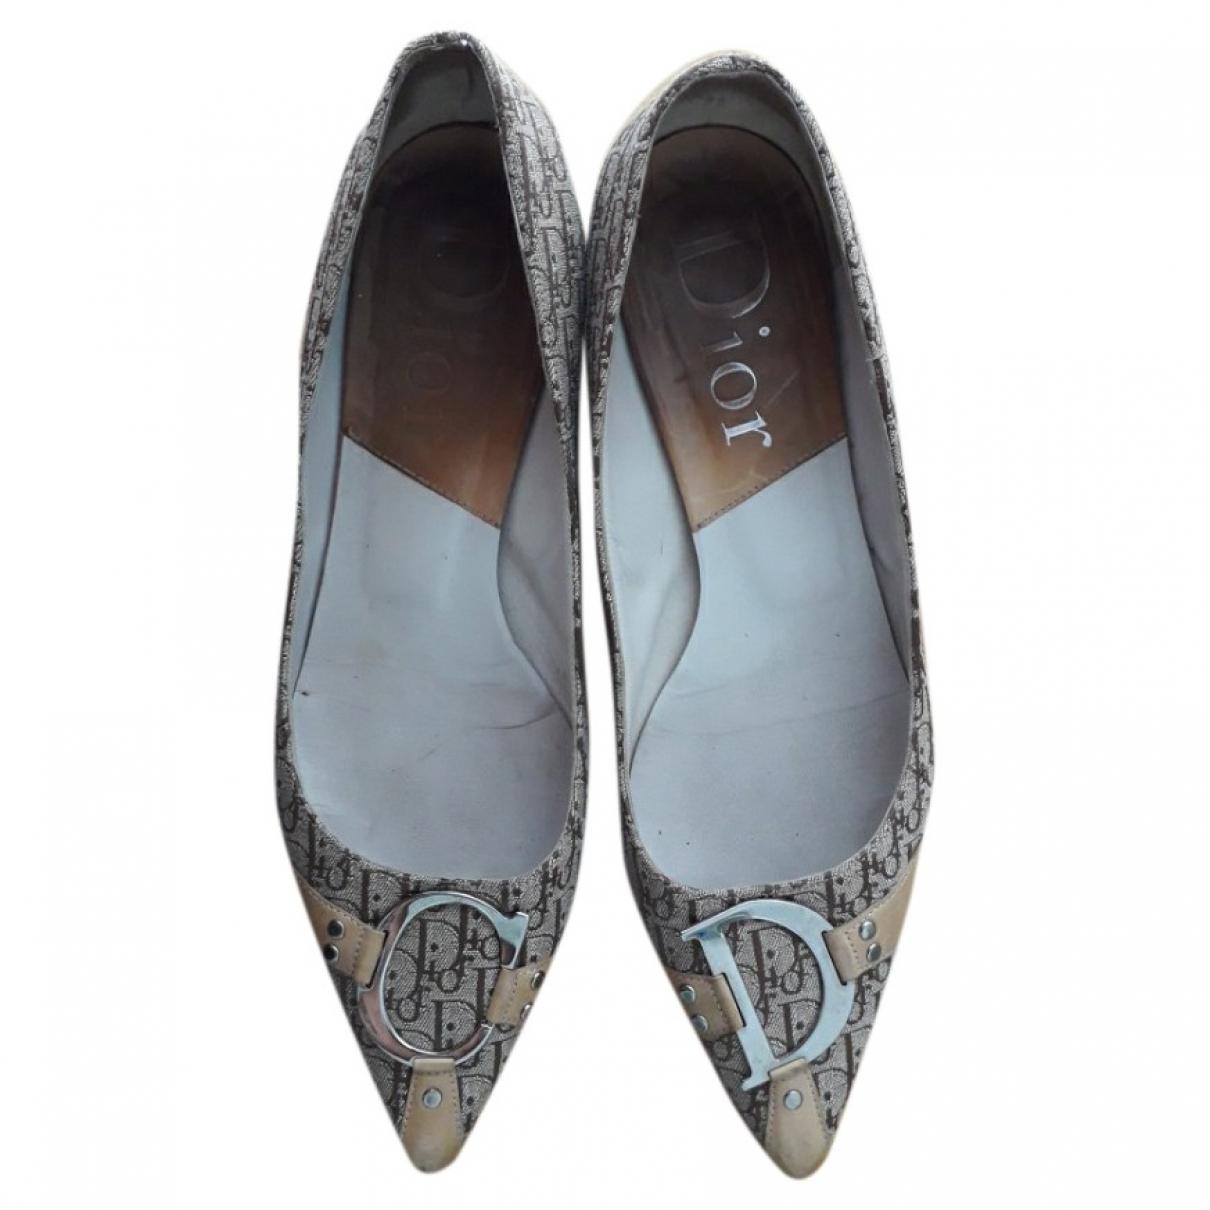 Bailarinas de Lona Dior